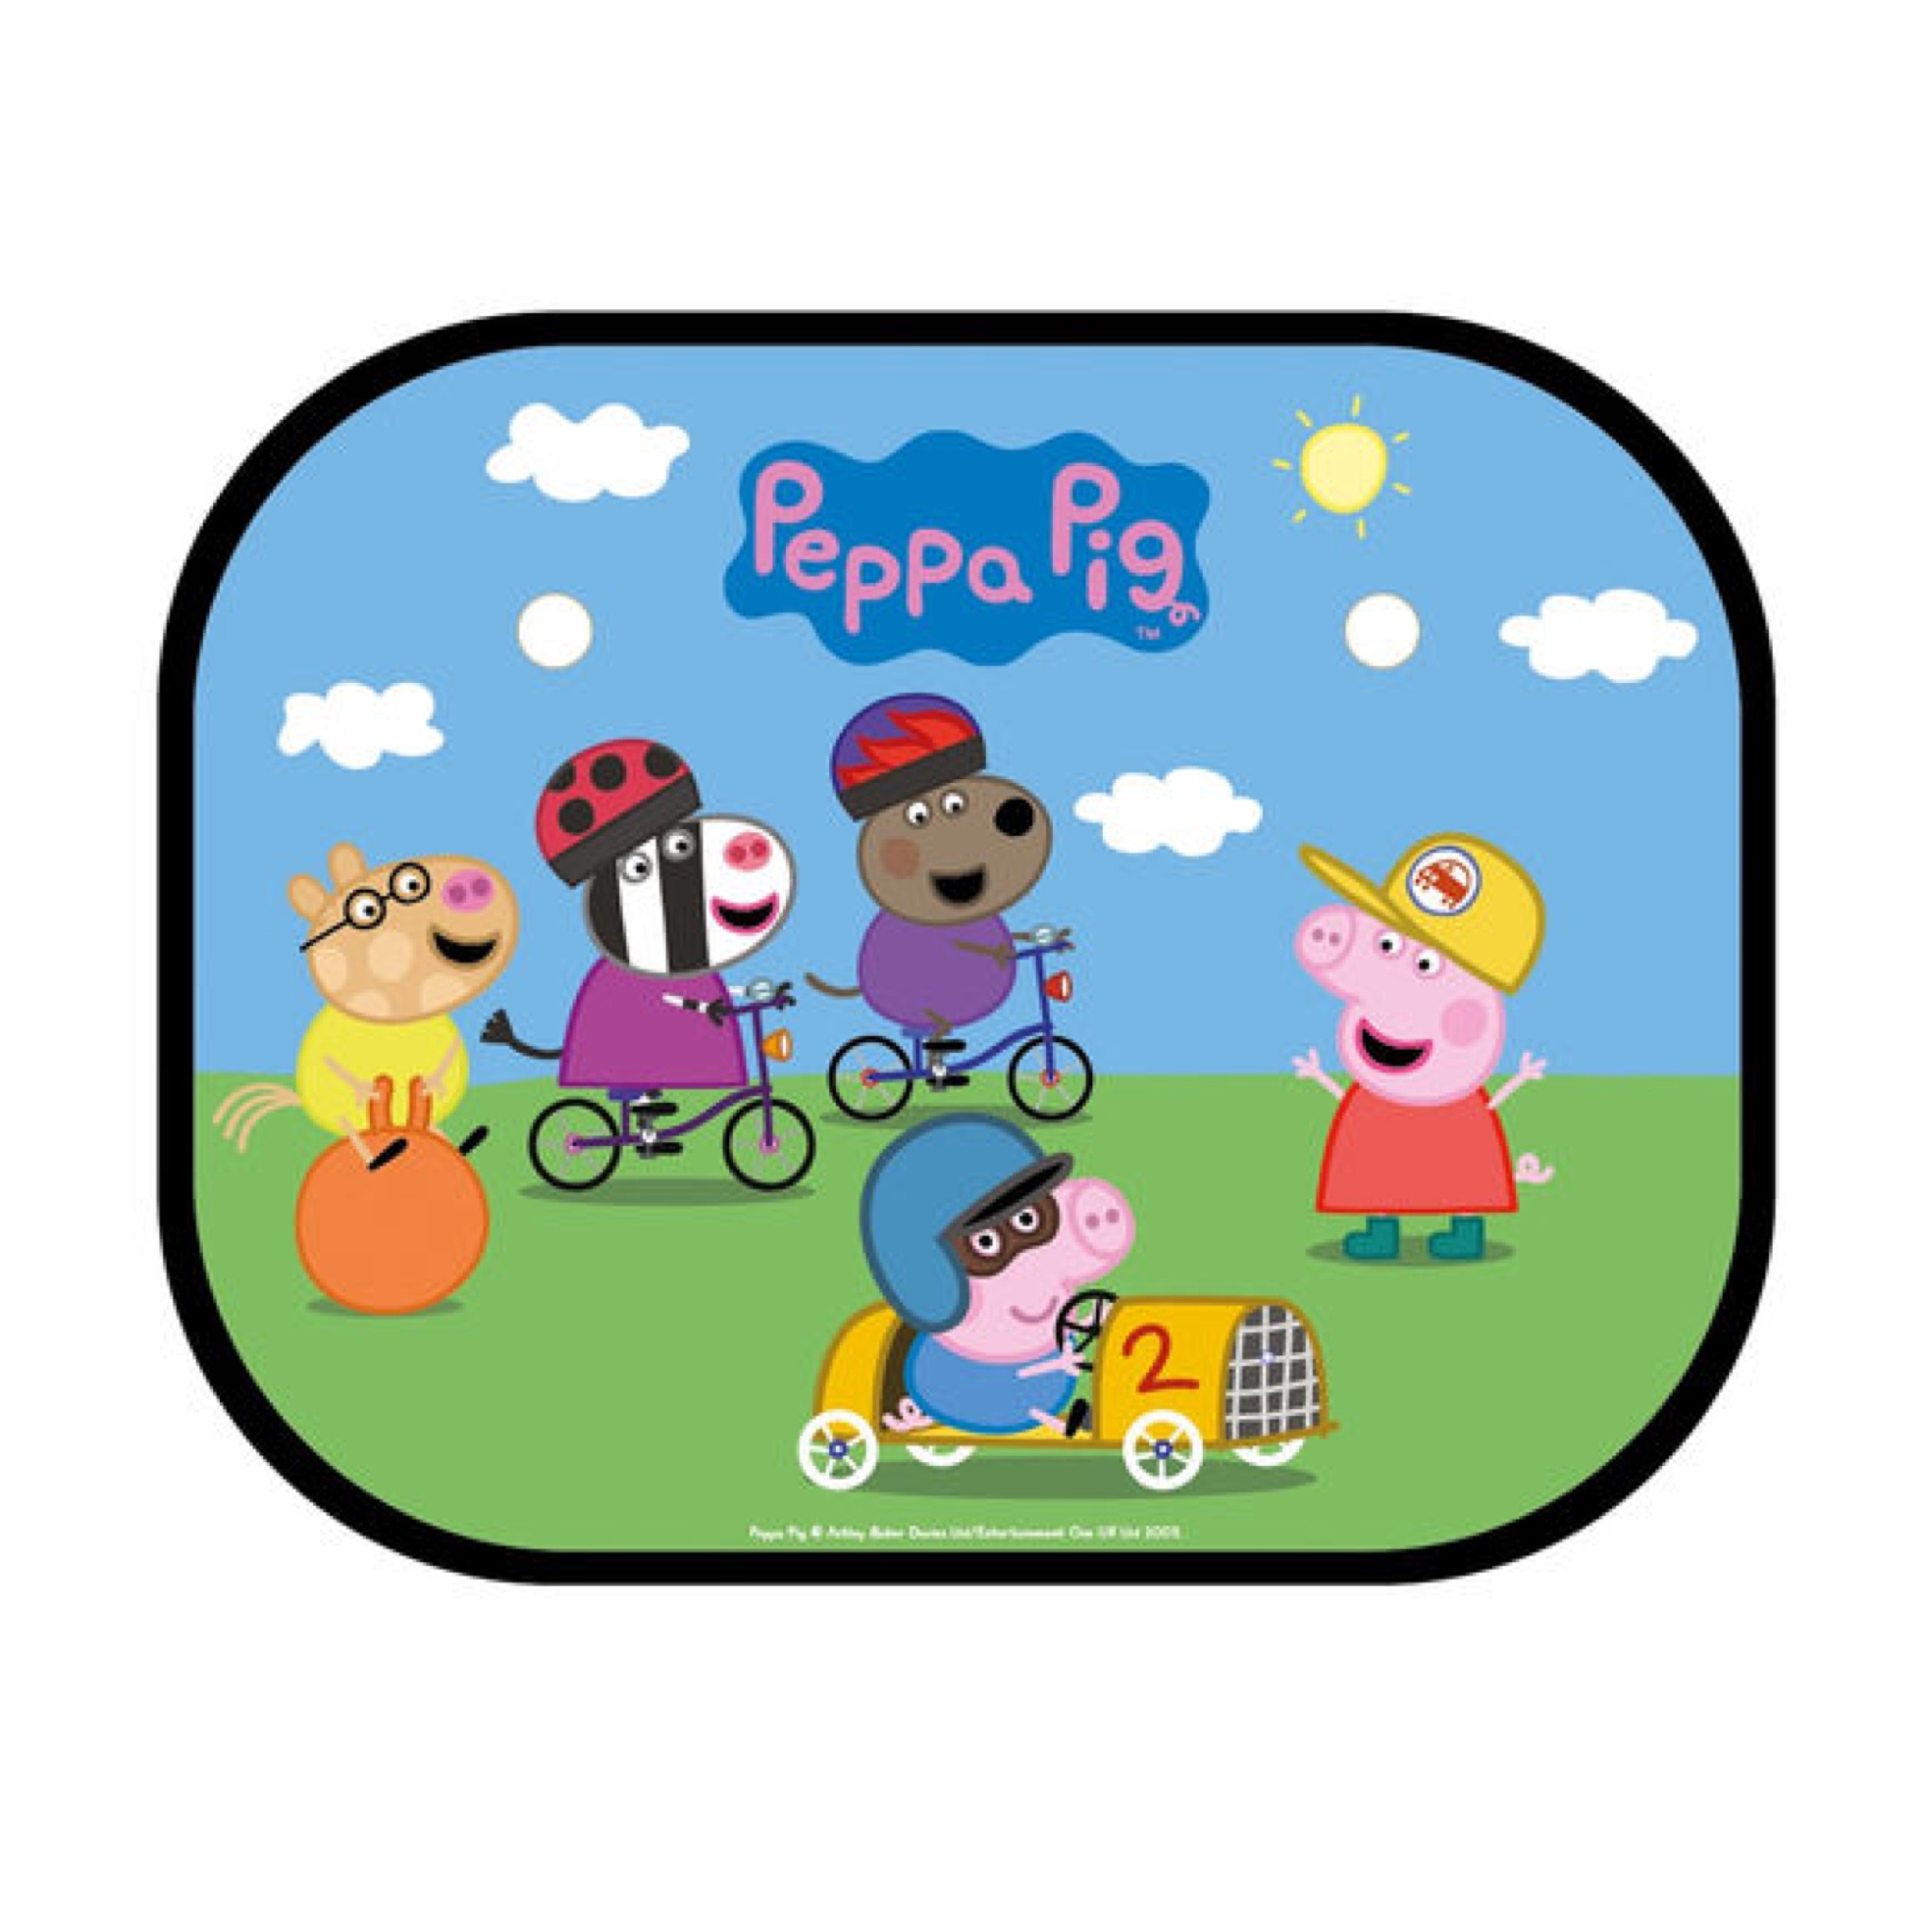 ม่านบังแดดแบบพับได้สุดน่ารัก Peppa Pig Folding Window Sunshades (Pack of 2) (Peppa, George & Friends)